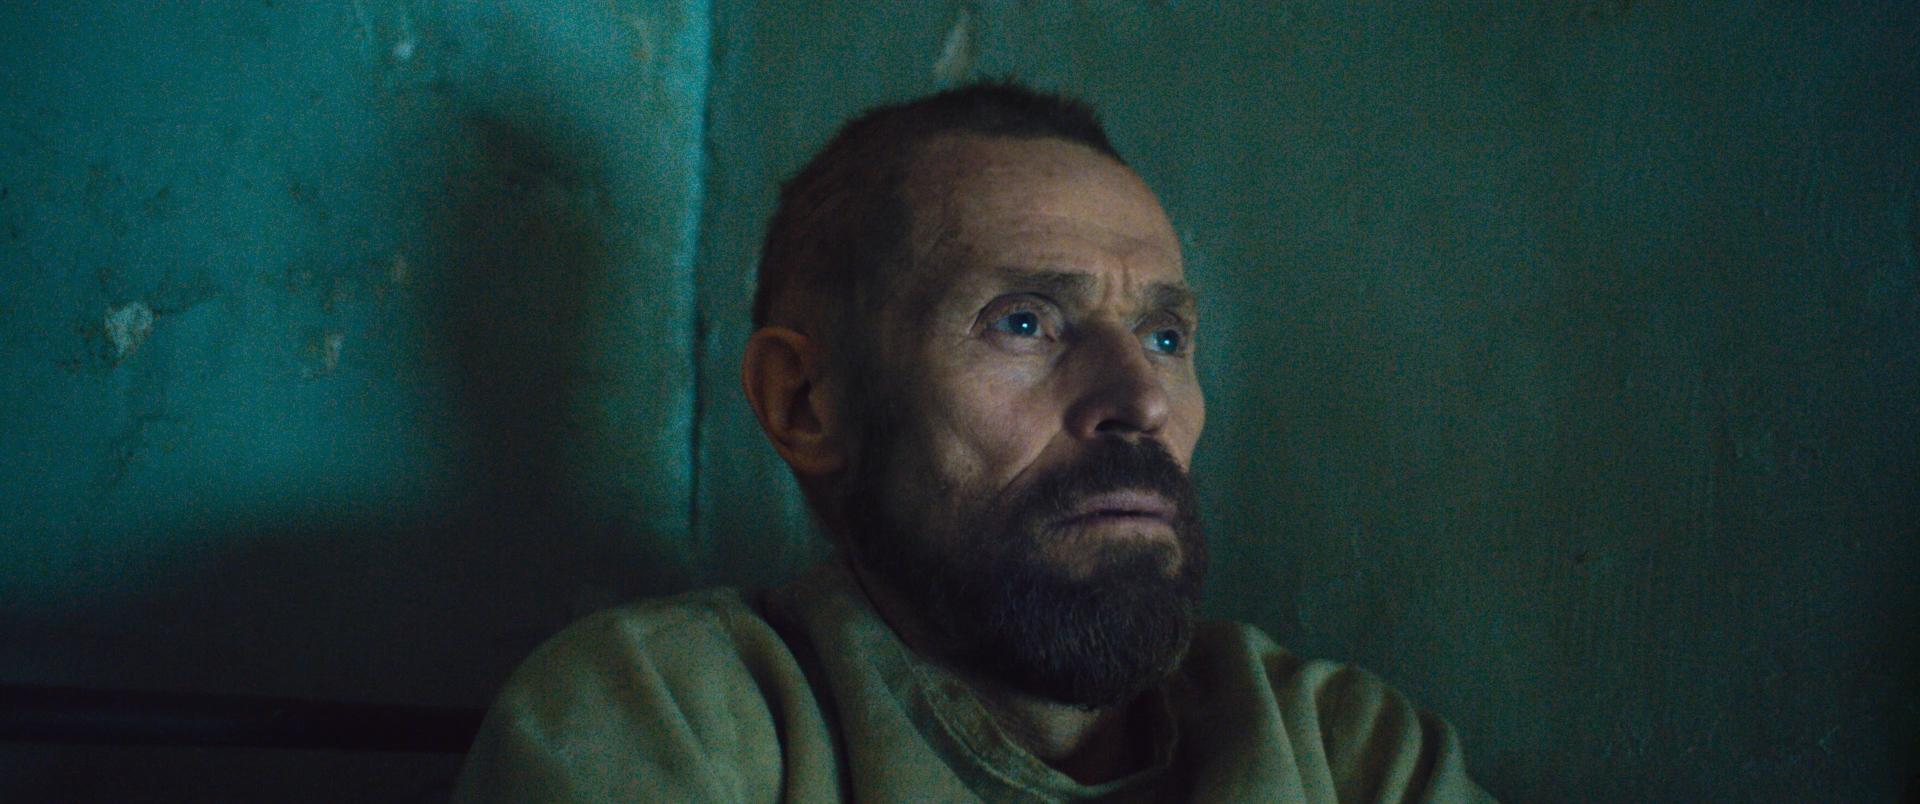 Van Gogh - Sulla soglia dell'eternità: Willem Dafoe in una scena drammatica